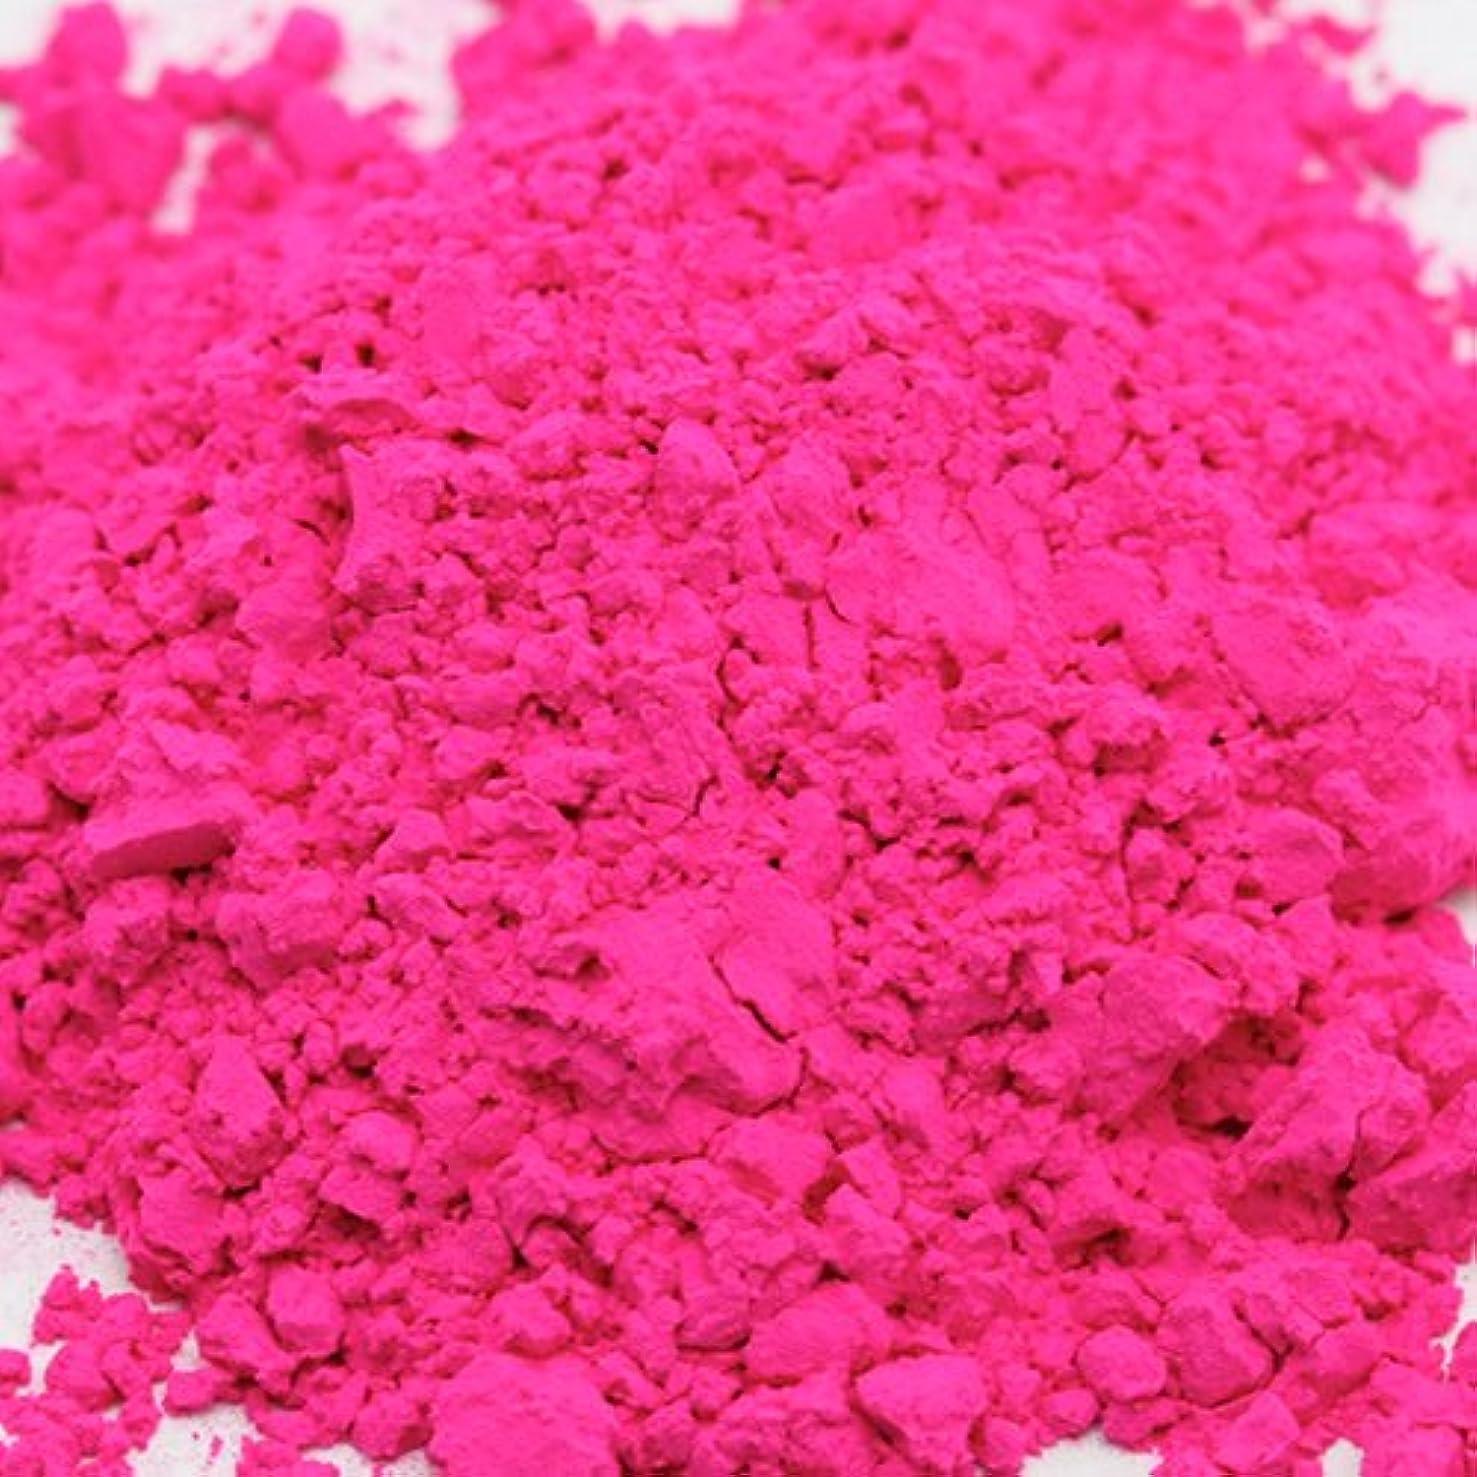 散逸幻想パターンキャンディカラー ピンク 5g 【手作り石鹸/手作りコスメ/色付け/カラーラント】